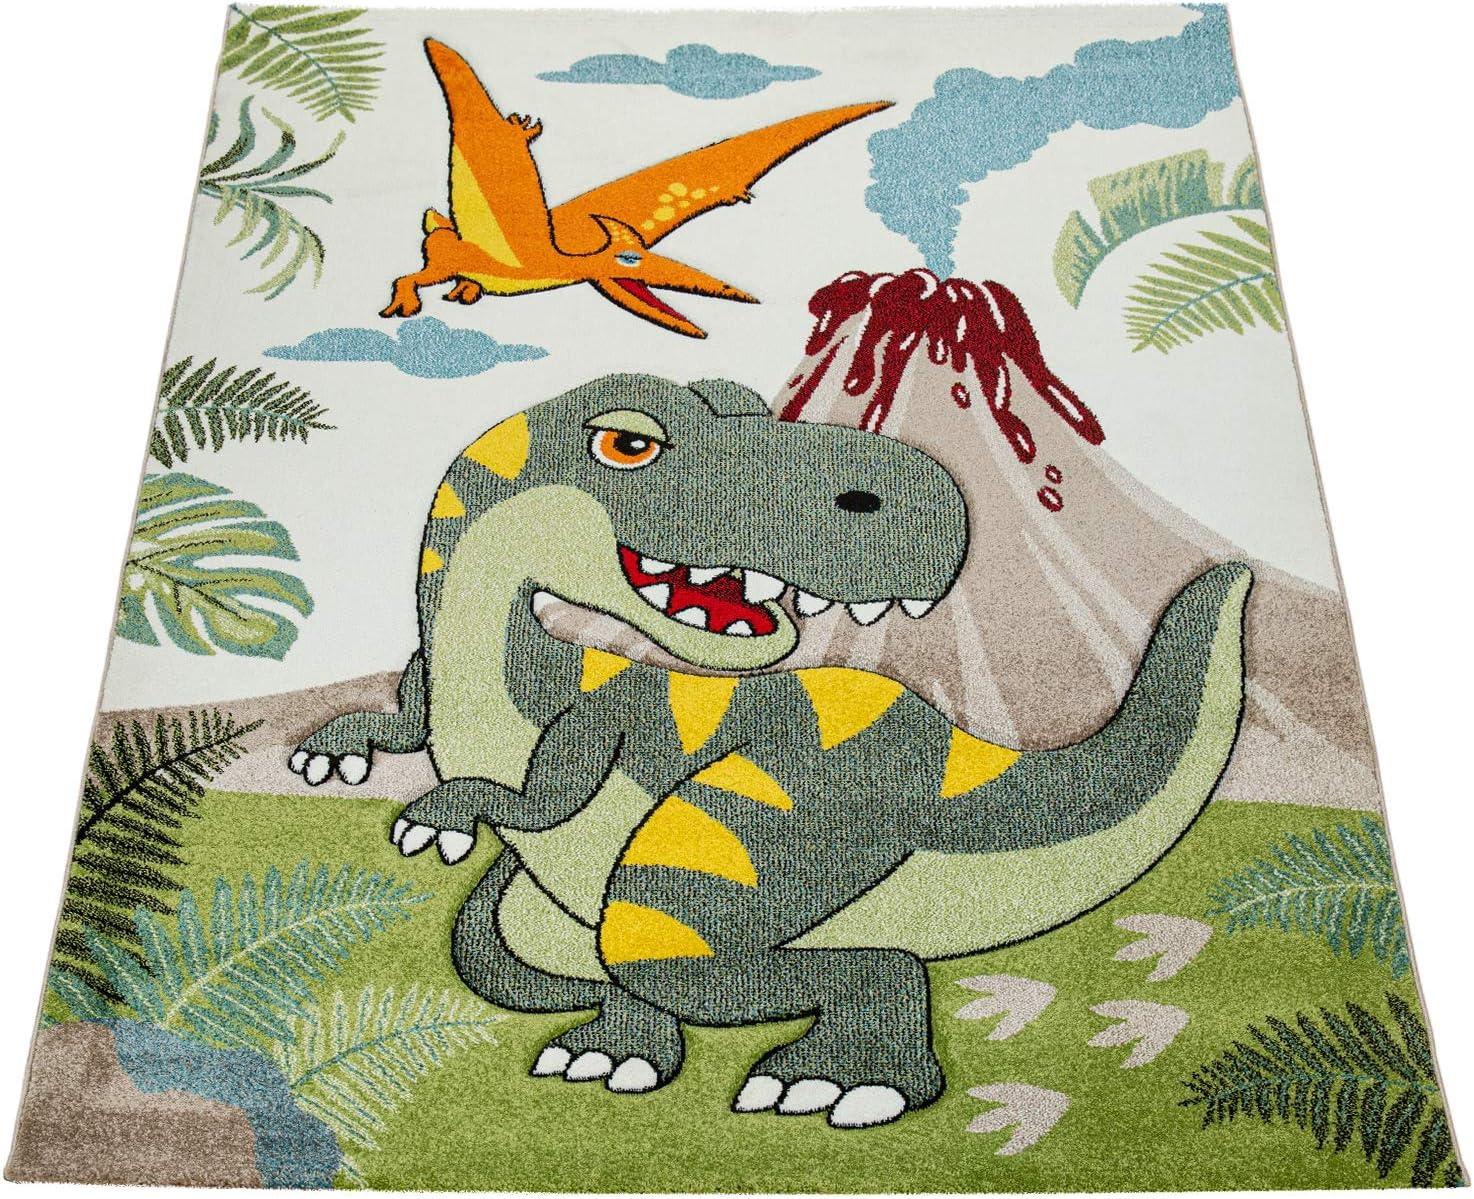 Paco Home Kinderzimmer Teppich Gr/ün Dinosaurier Dschungel Vulkan 3-D Effekt Kurzflor Gr/össe:200x290 cm